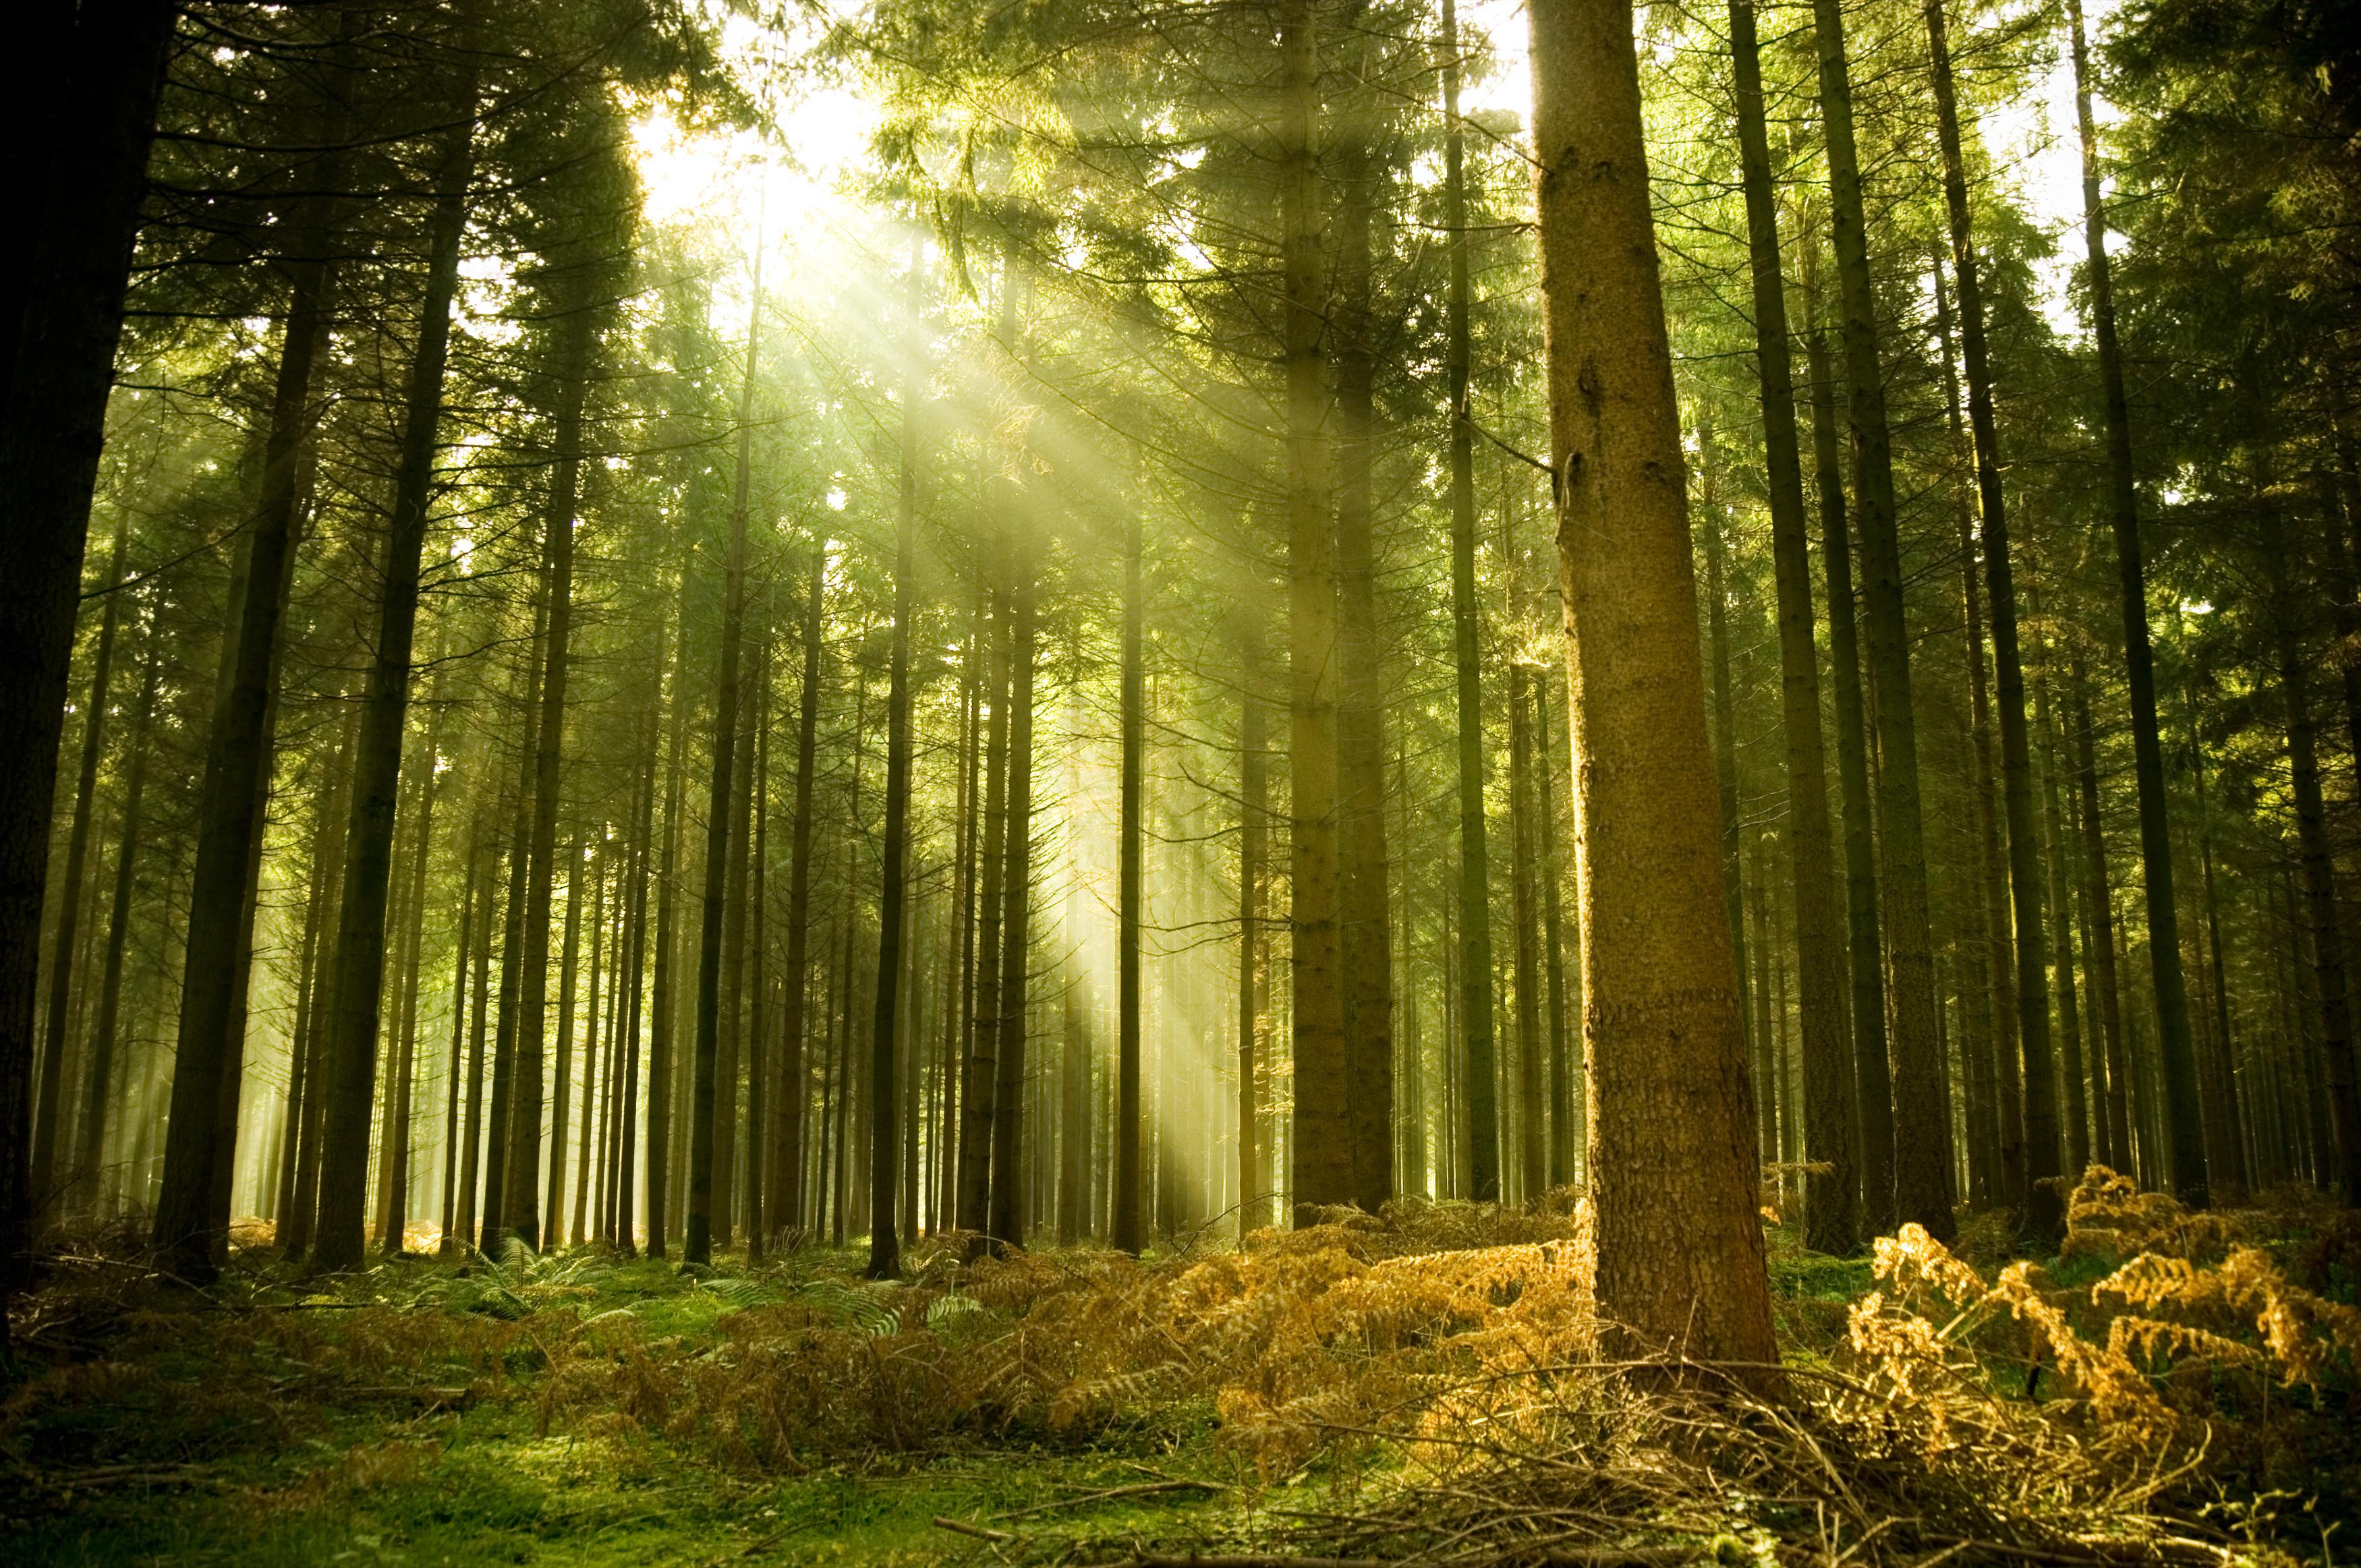 Утро вечер деревья красивые картинки